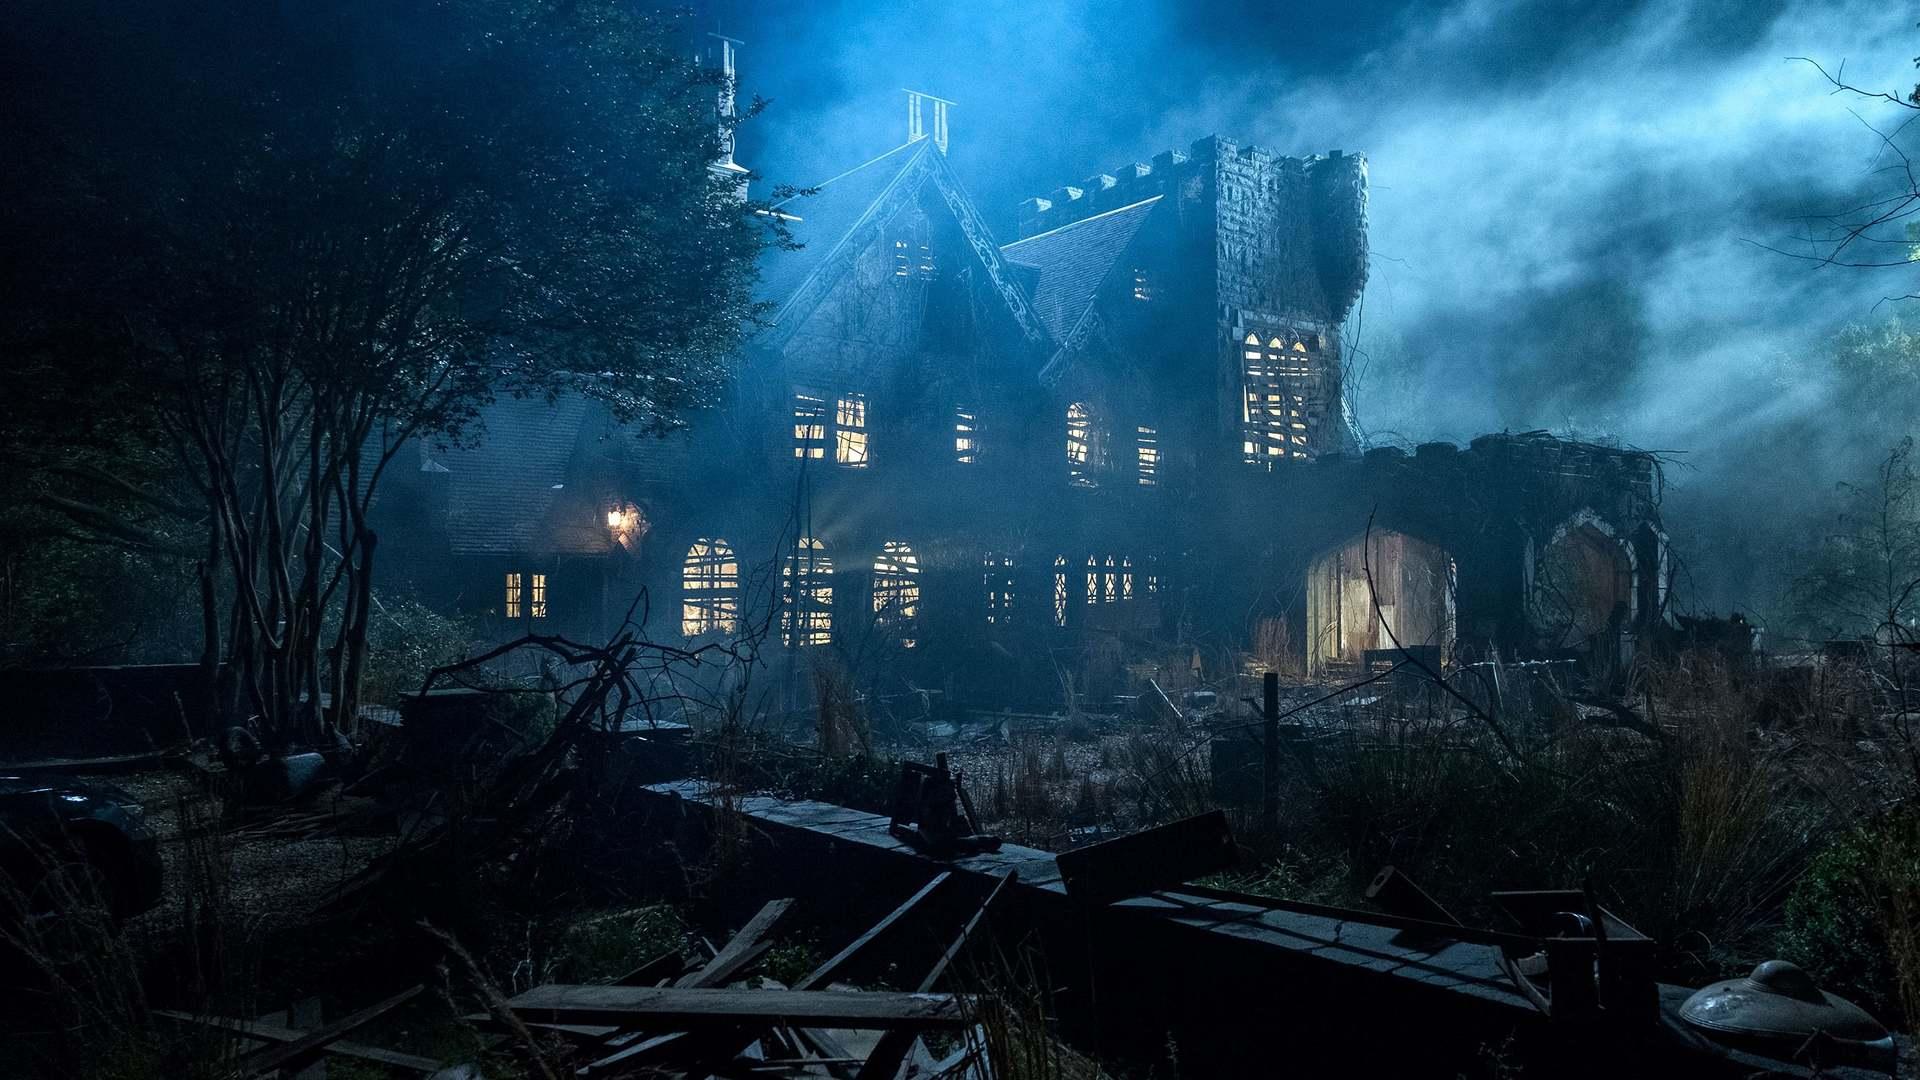 Кадры из фильма Призраки дома на холме The Haunting of Hill House 2018